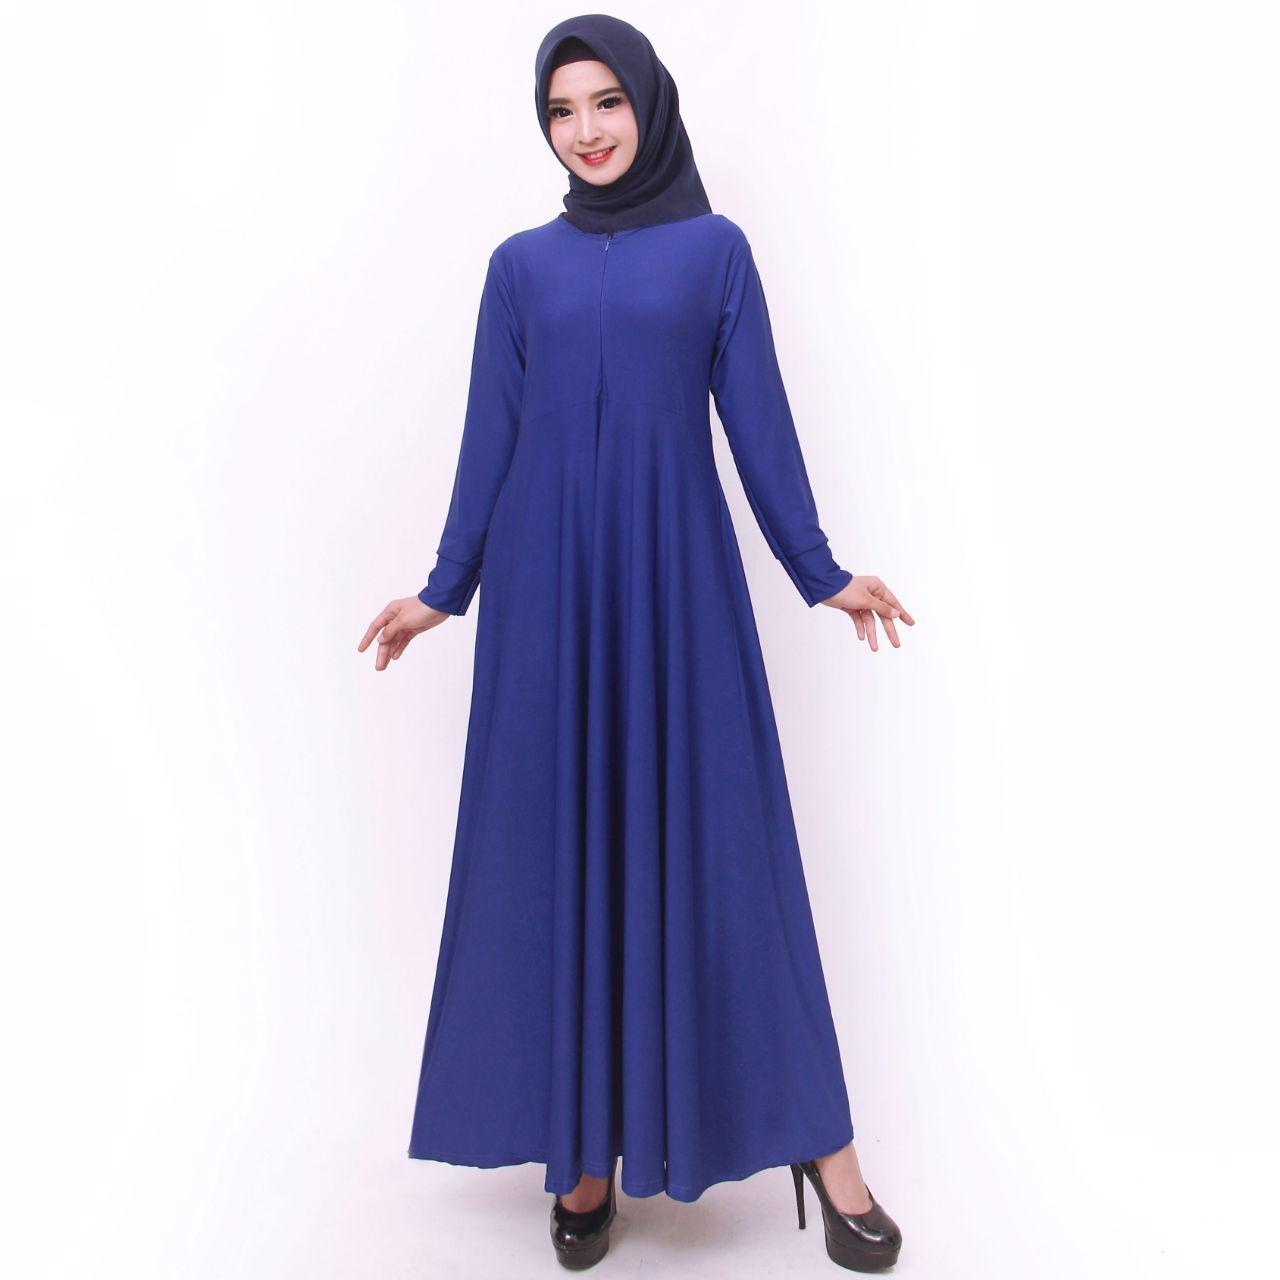 DnD - PROMO GAMIS MURAH Baju Gamis Gamis wanita Baju Muslimah Dress Muslimah  Fashion Muslimah Gamis 0e9520dec6